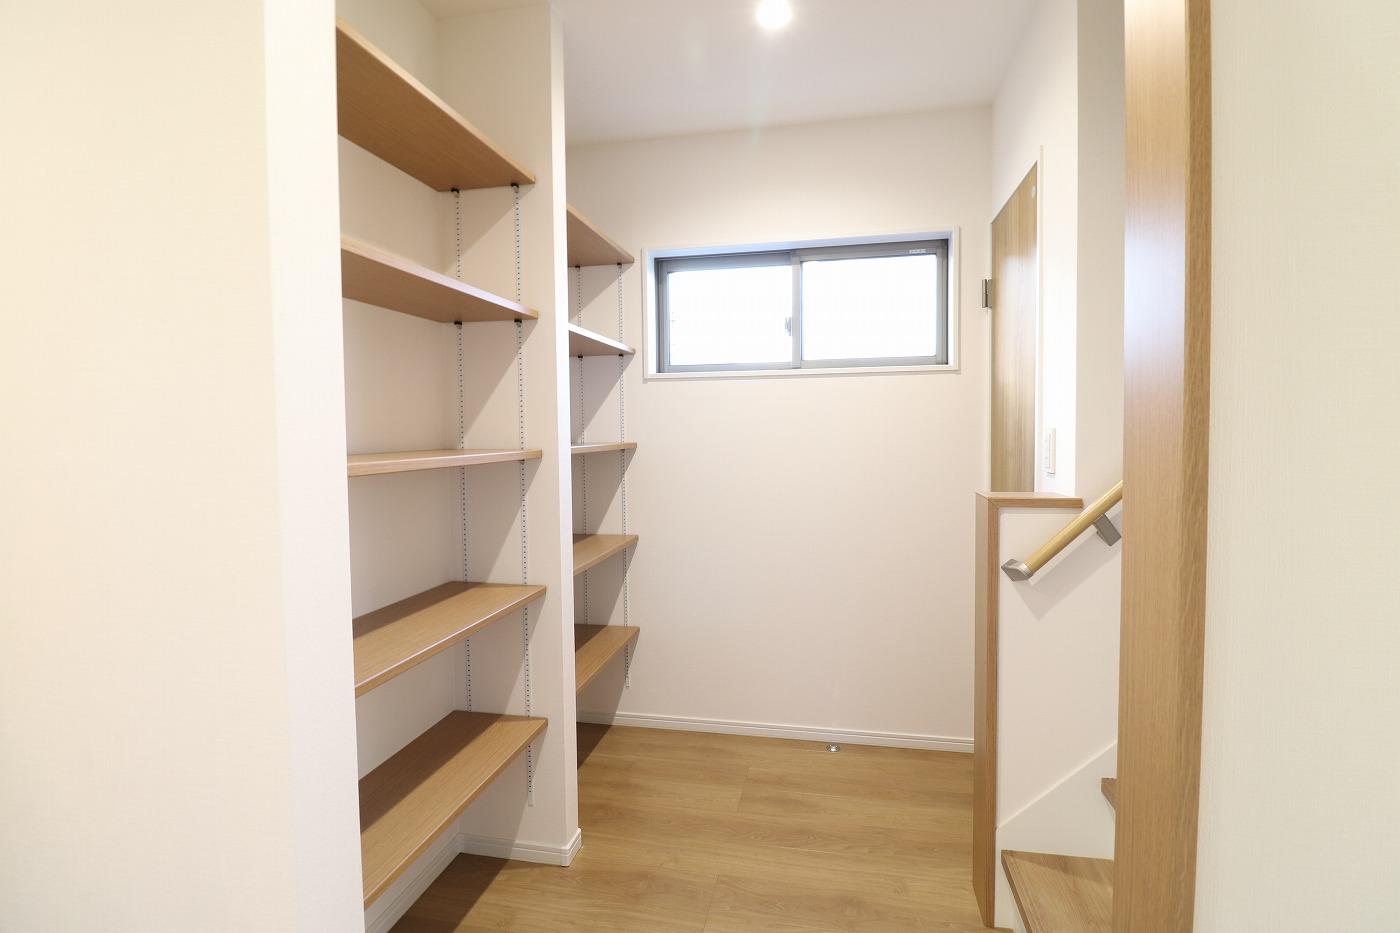 高松市木太町の新築分譲住宅の本棚収納